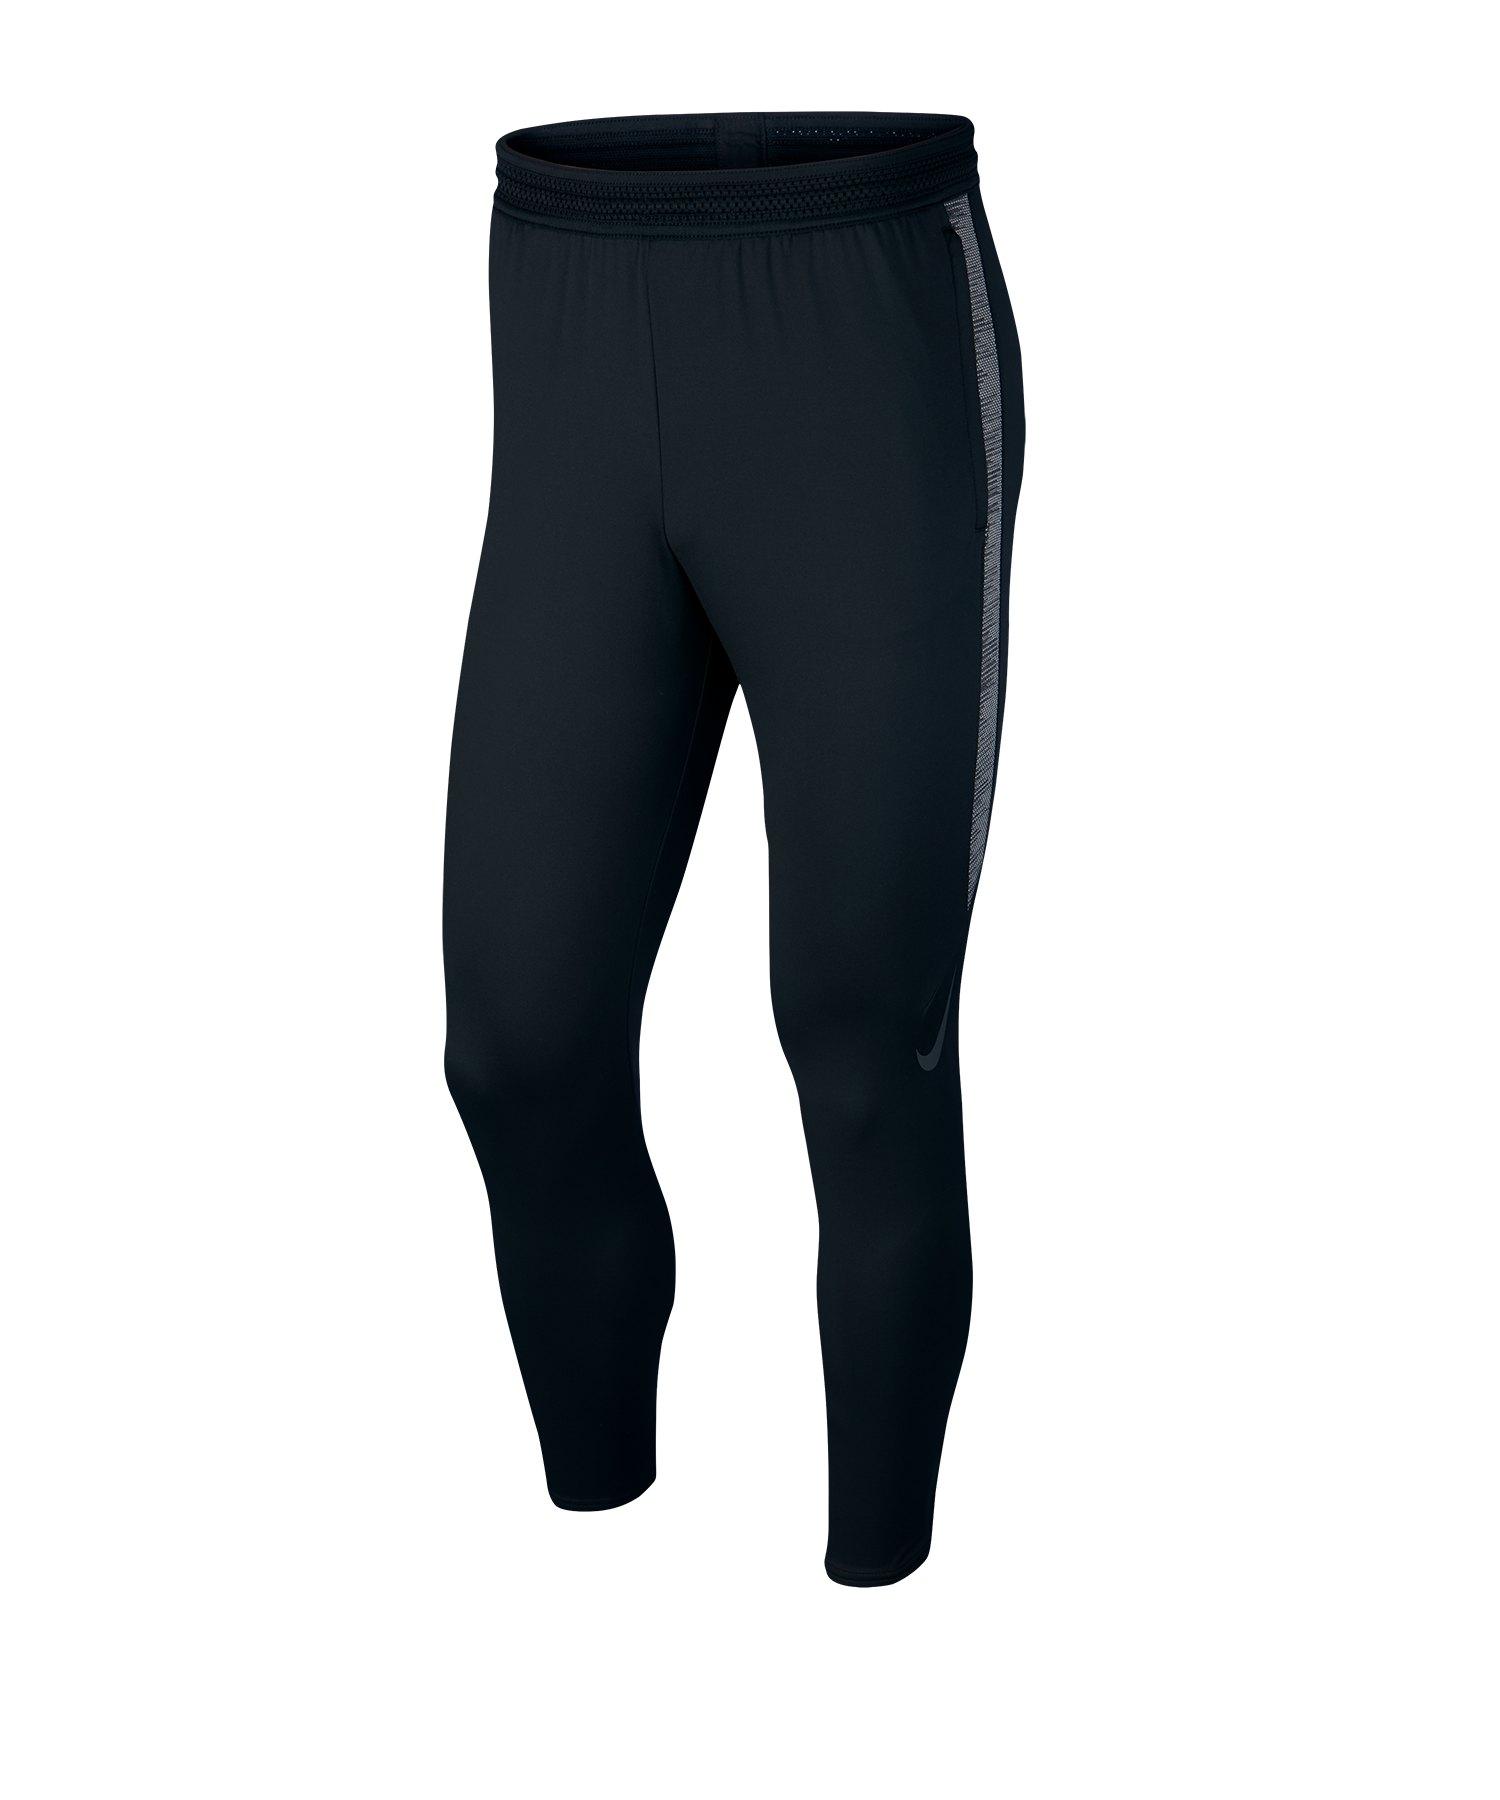 Nike Dri-FIT Strike Trainingshose Schwarz F010 - schwarz